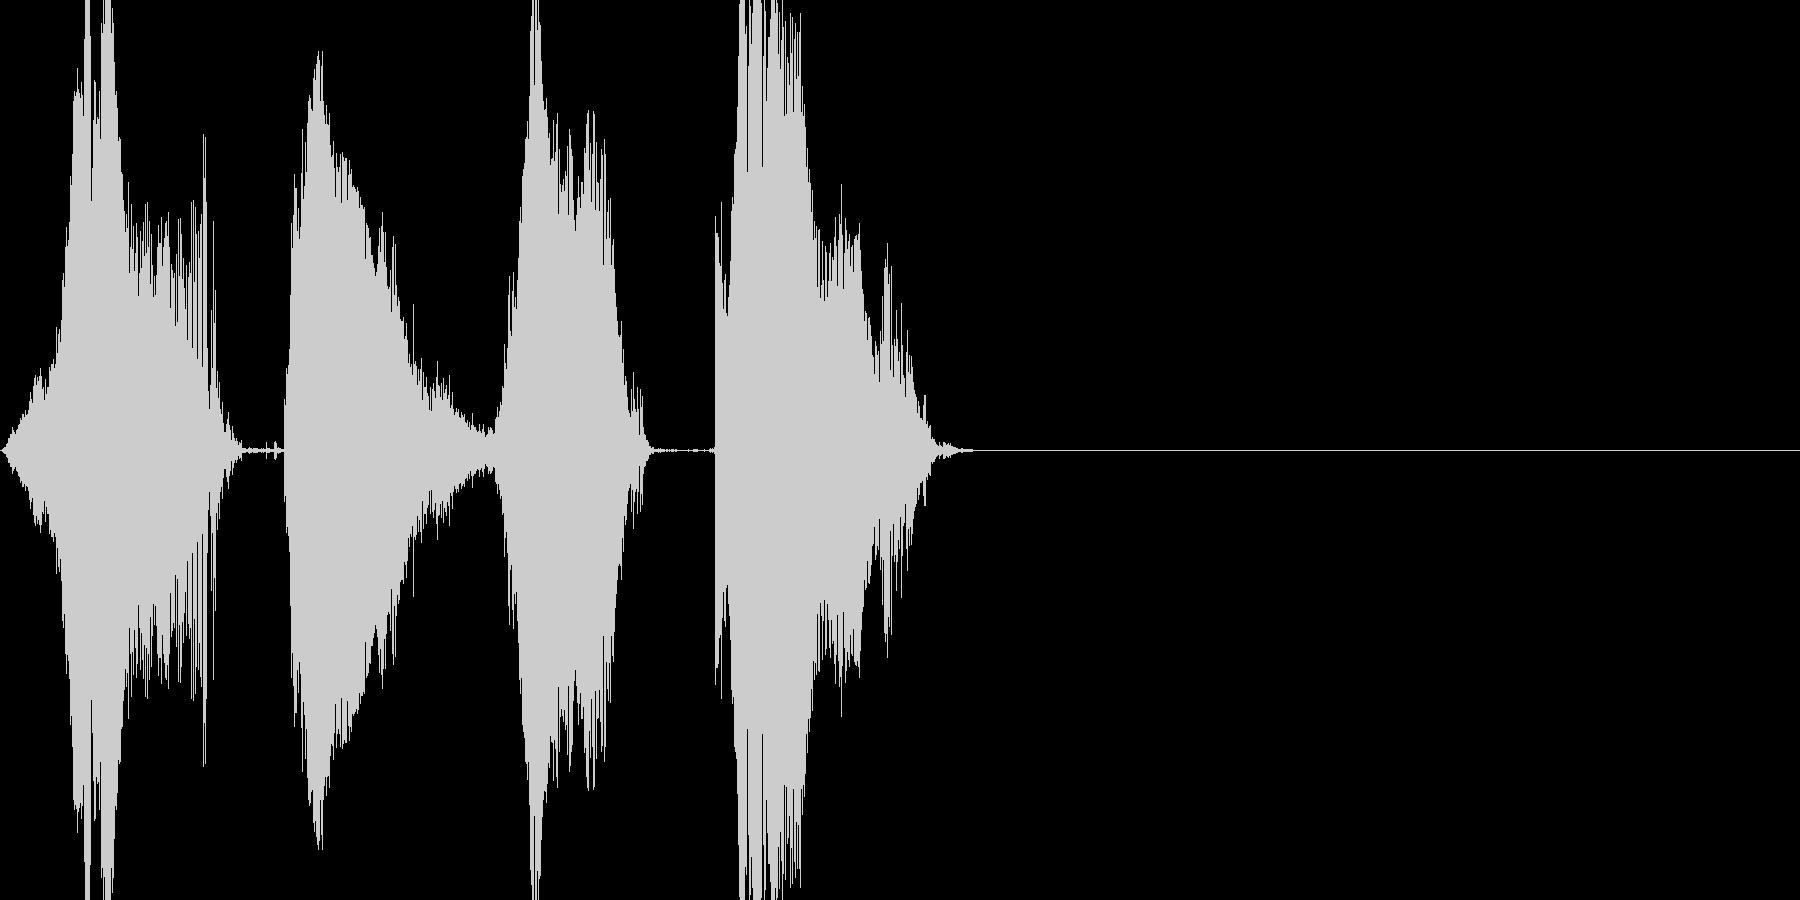 ワンツースリーGO! 140 カウントの未再生の波形